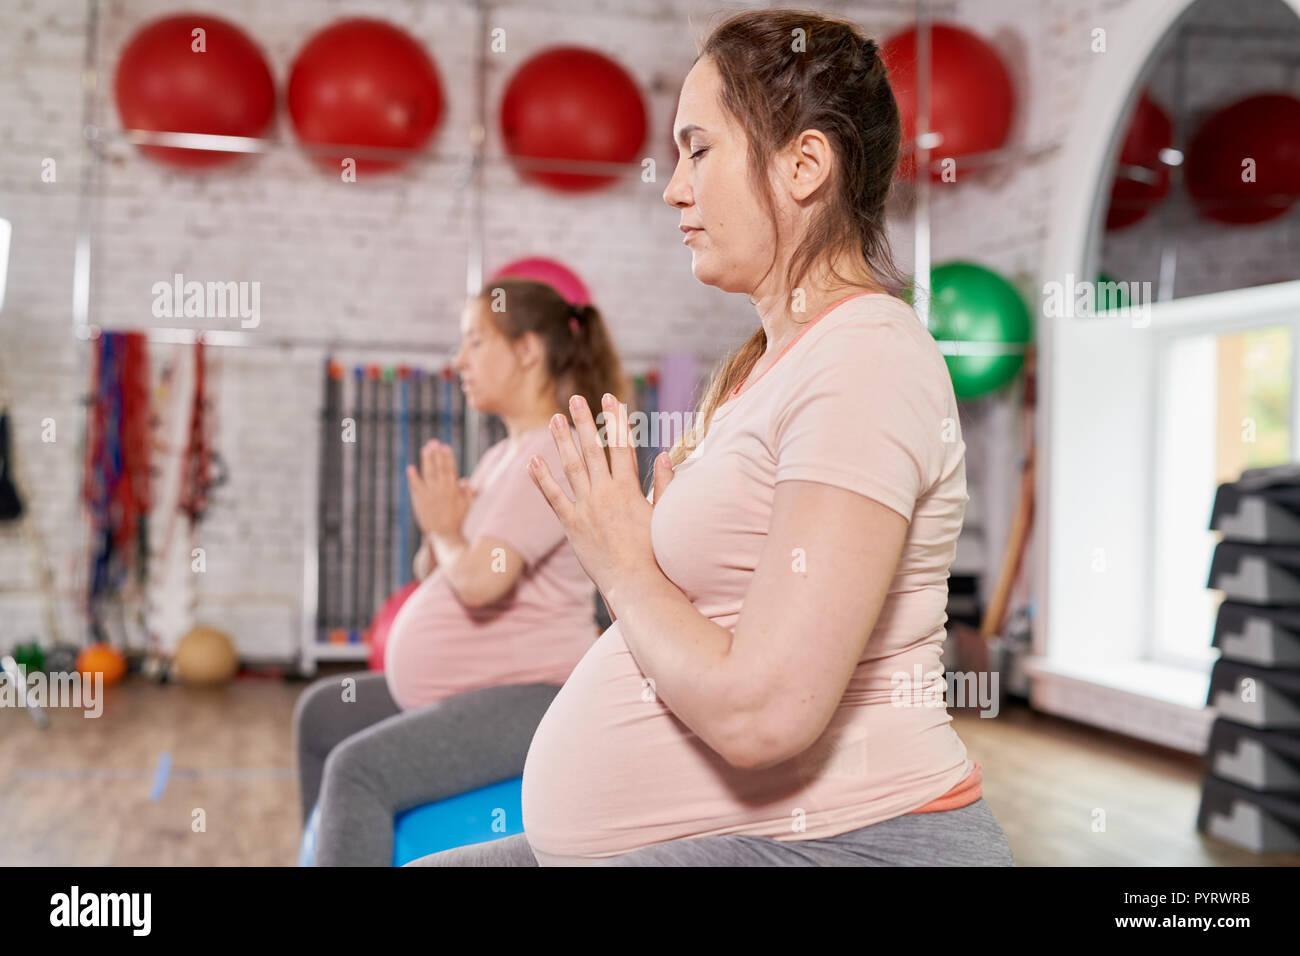 Prenatal Yoga - Stock Image